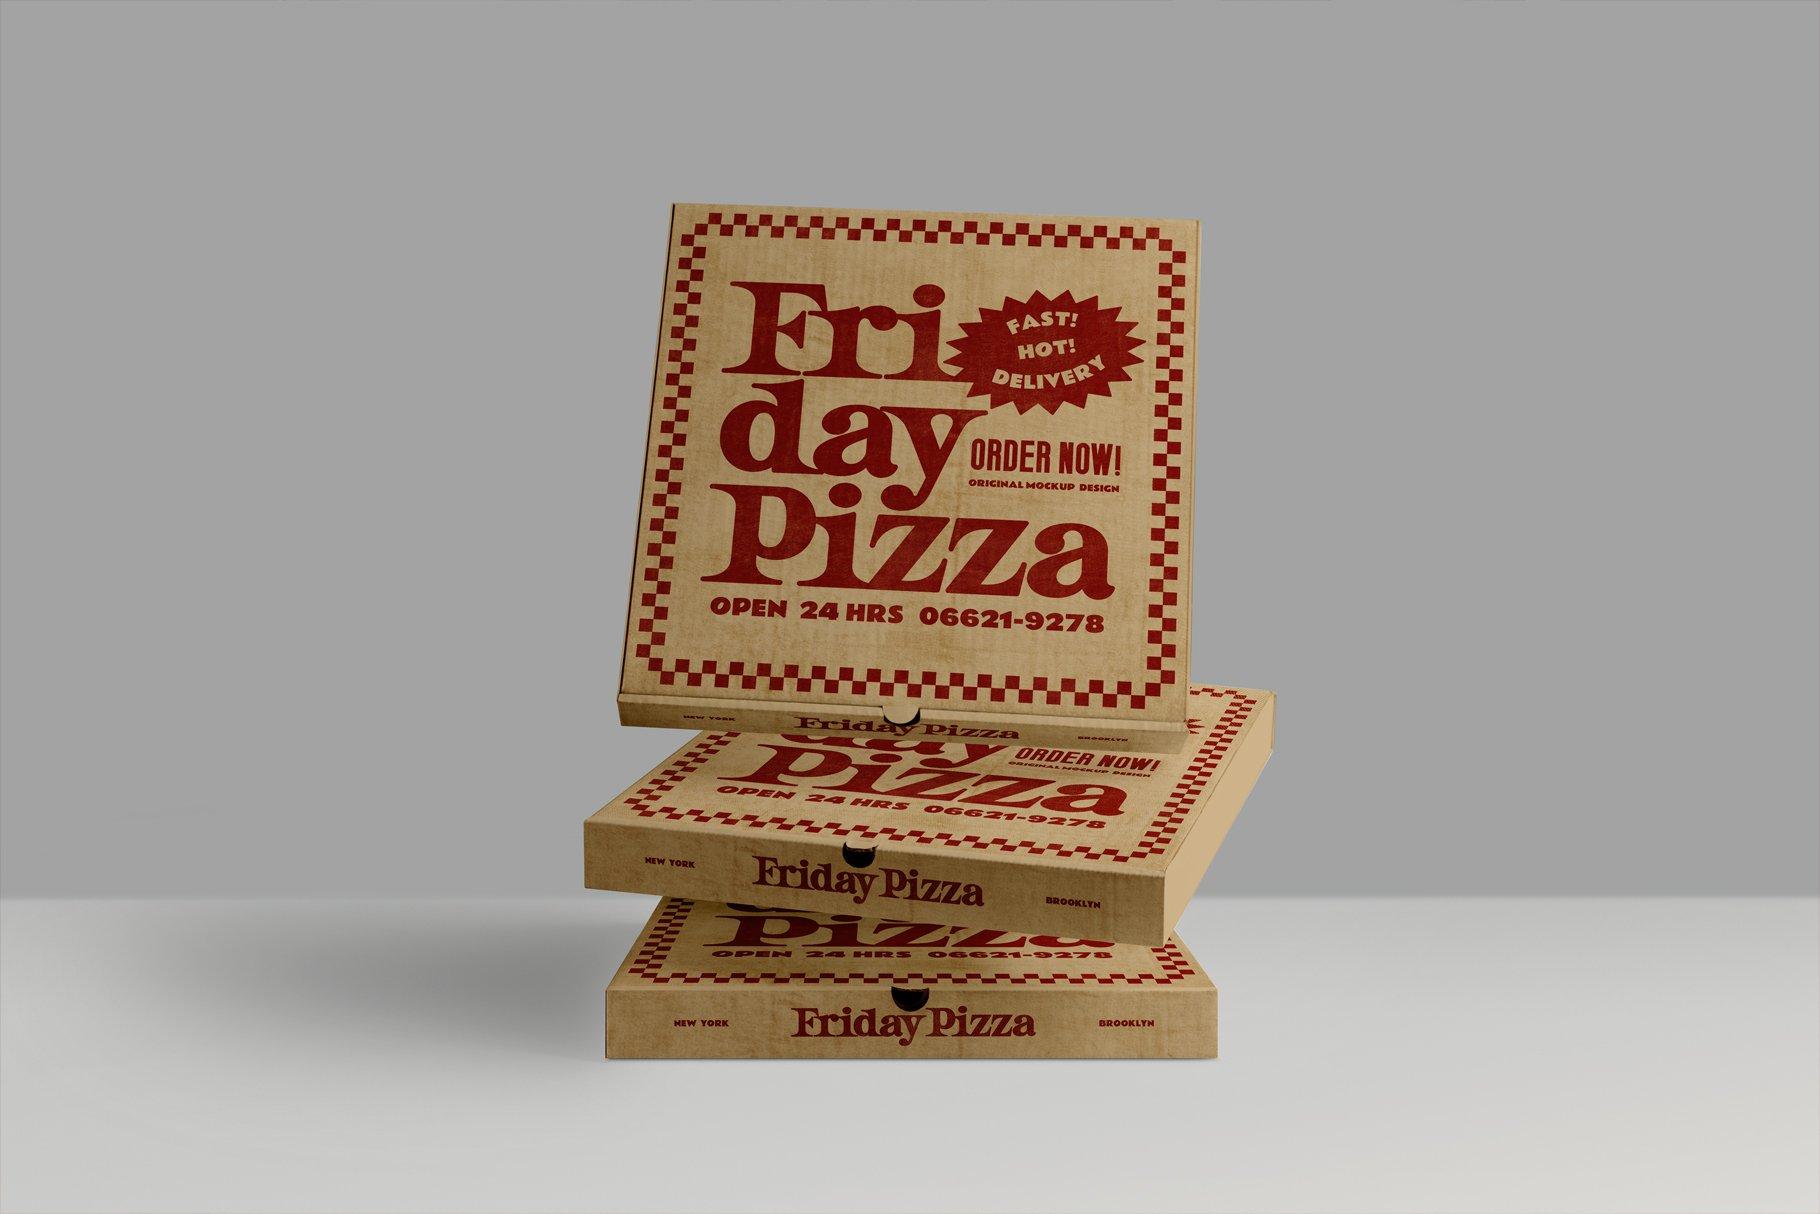 3款比萨外卖包装纸盒设计展示贴图样机 3 Pizza Box Mockup插图6